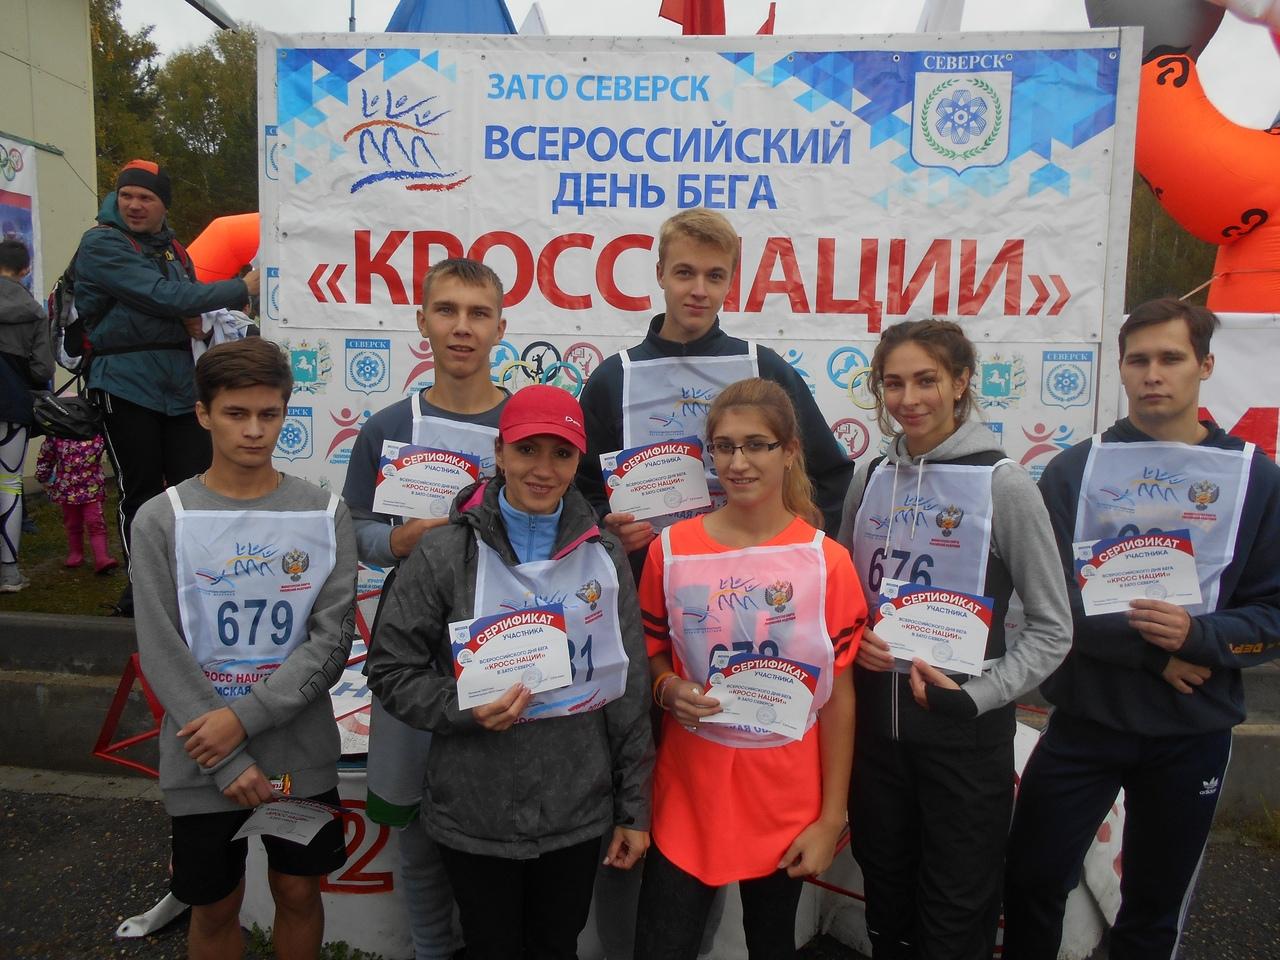 Студенты СПК заняли призовые места на соревнованиях «Кросс нации»